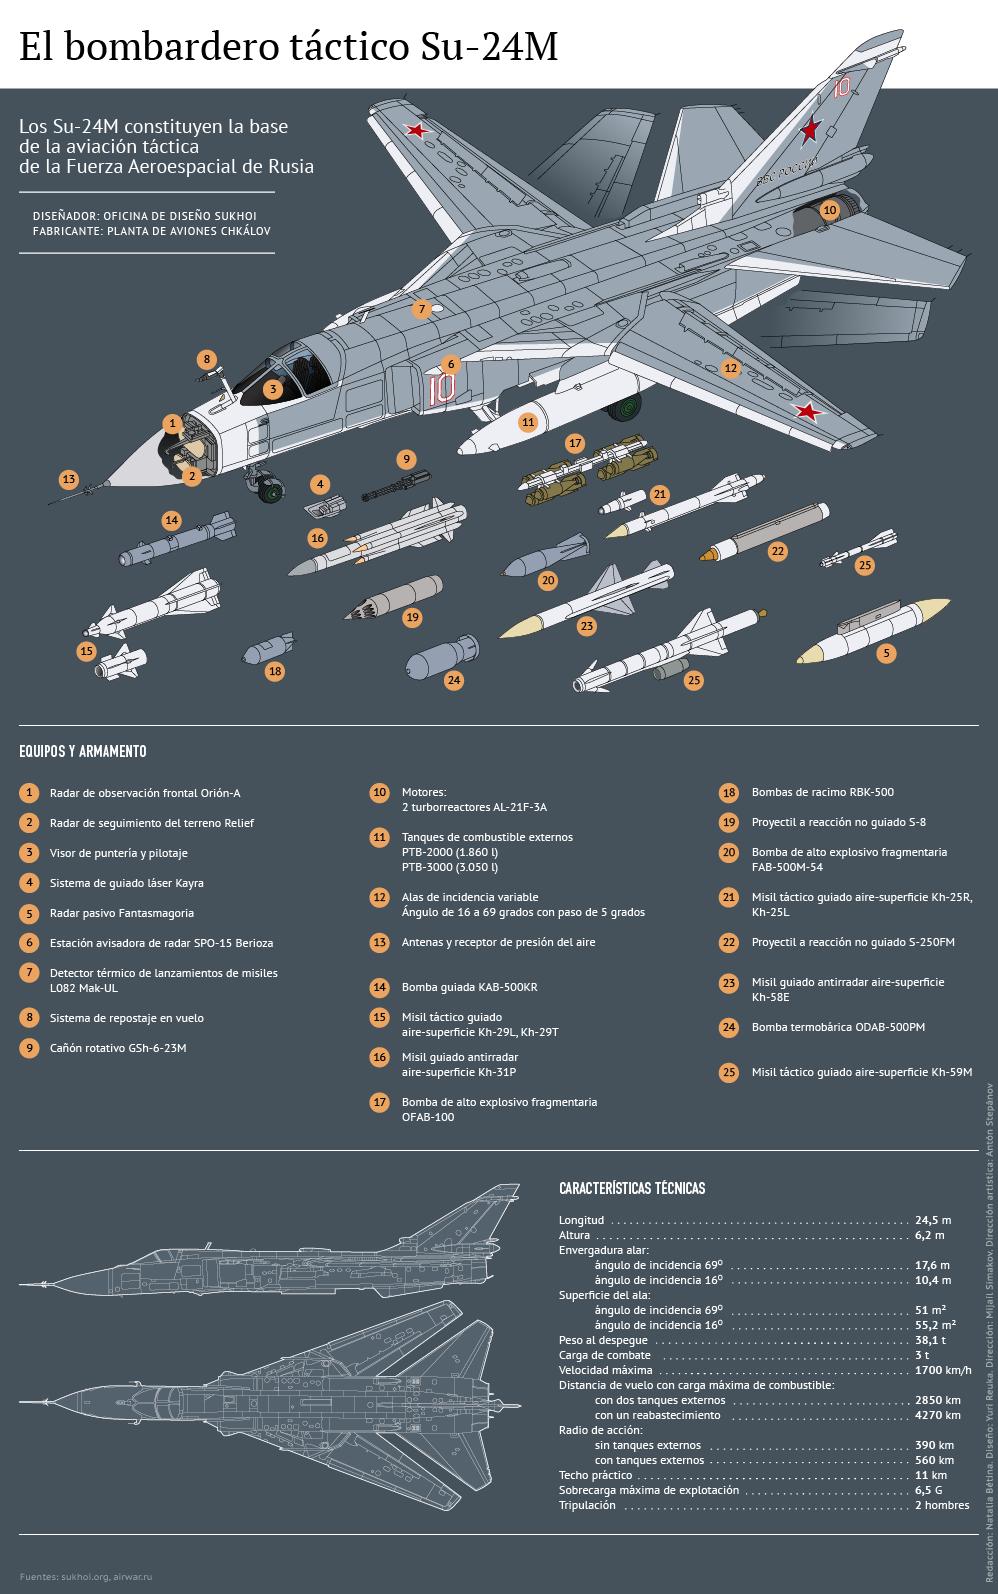 El bombardero táctico Su-24M - Sputnik Mundo